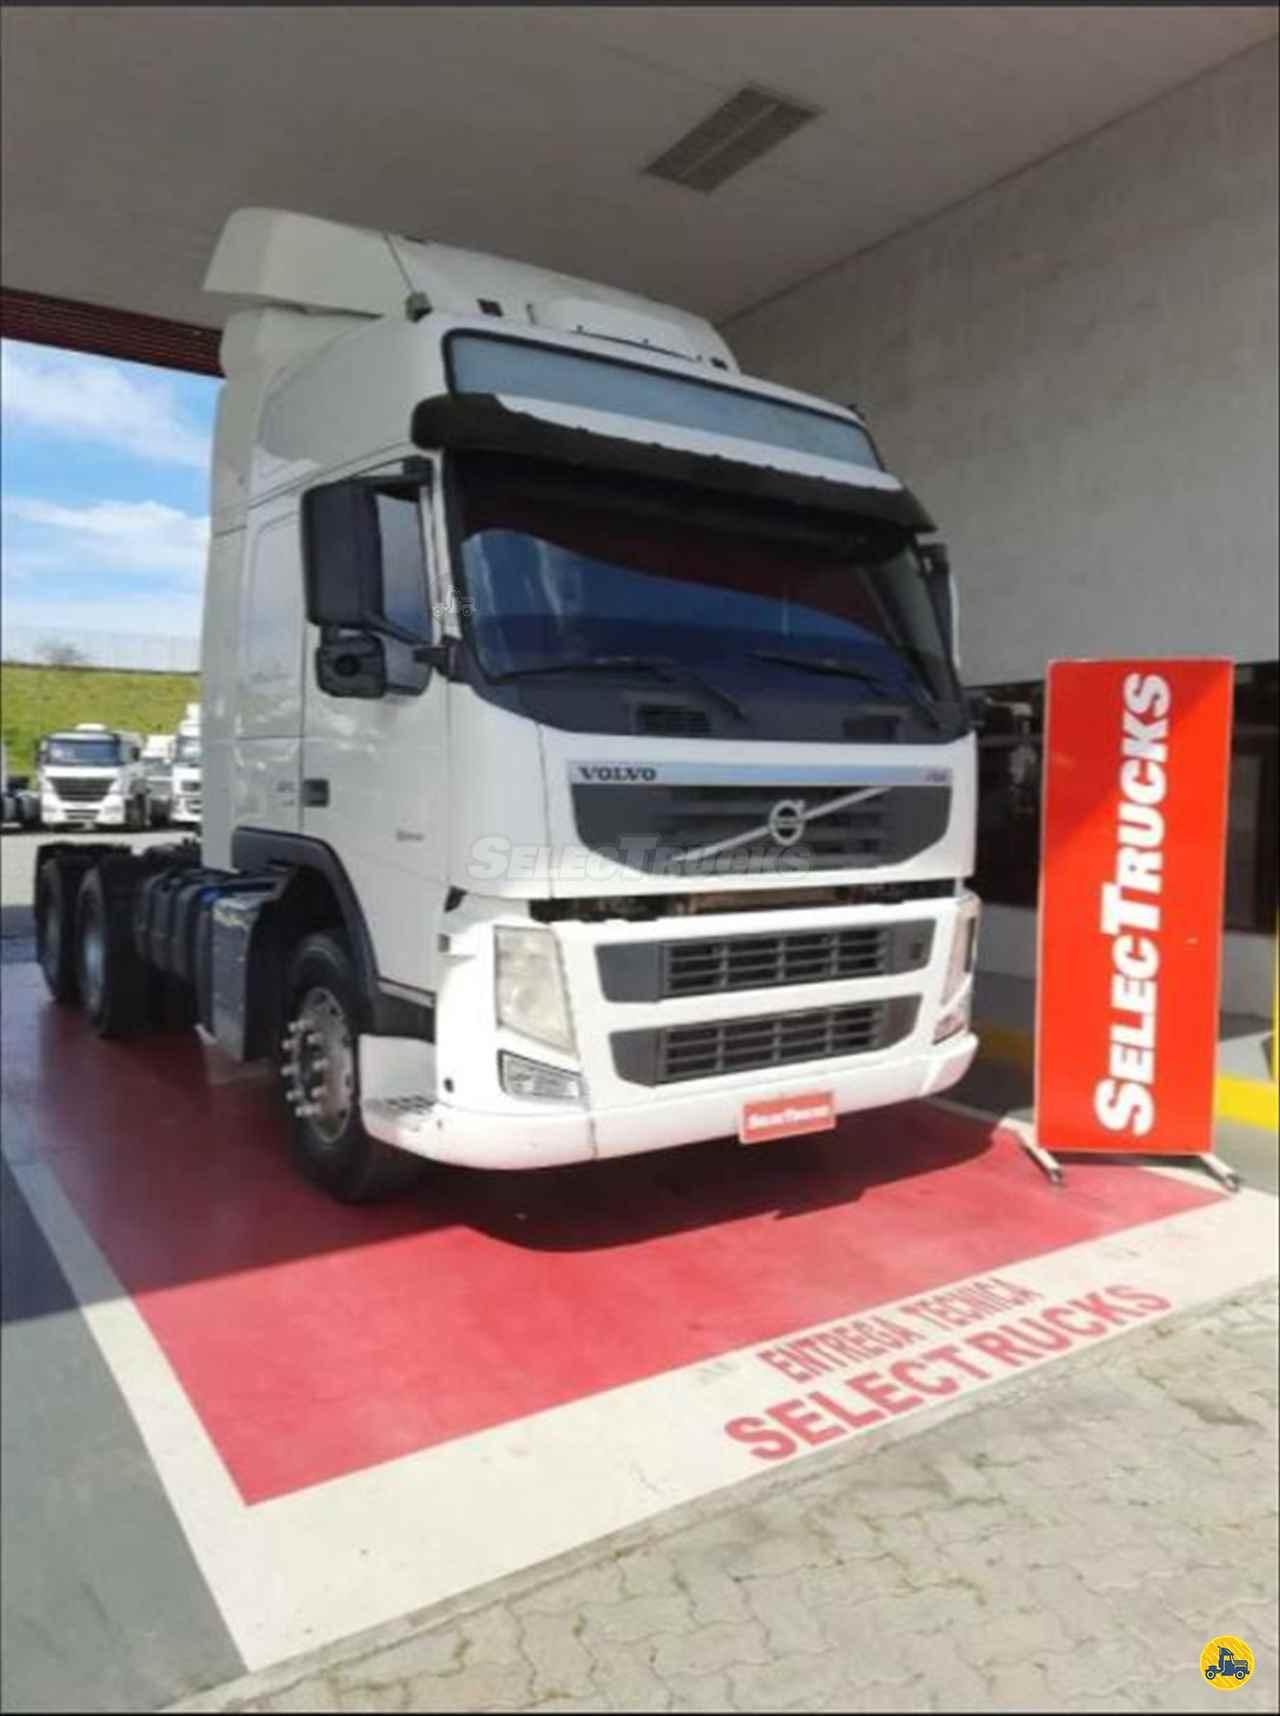 CAMINHAO VOLVO VOLVO FM 370 Cavalo Mecânico Truck 6x2 SelecTrucks - Mauá SP - Matriz  MAUA SÃO PAULO SP